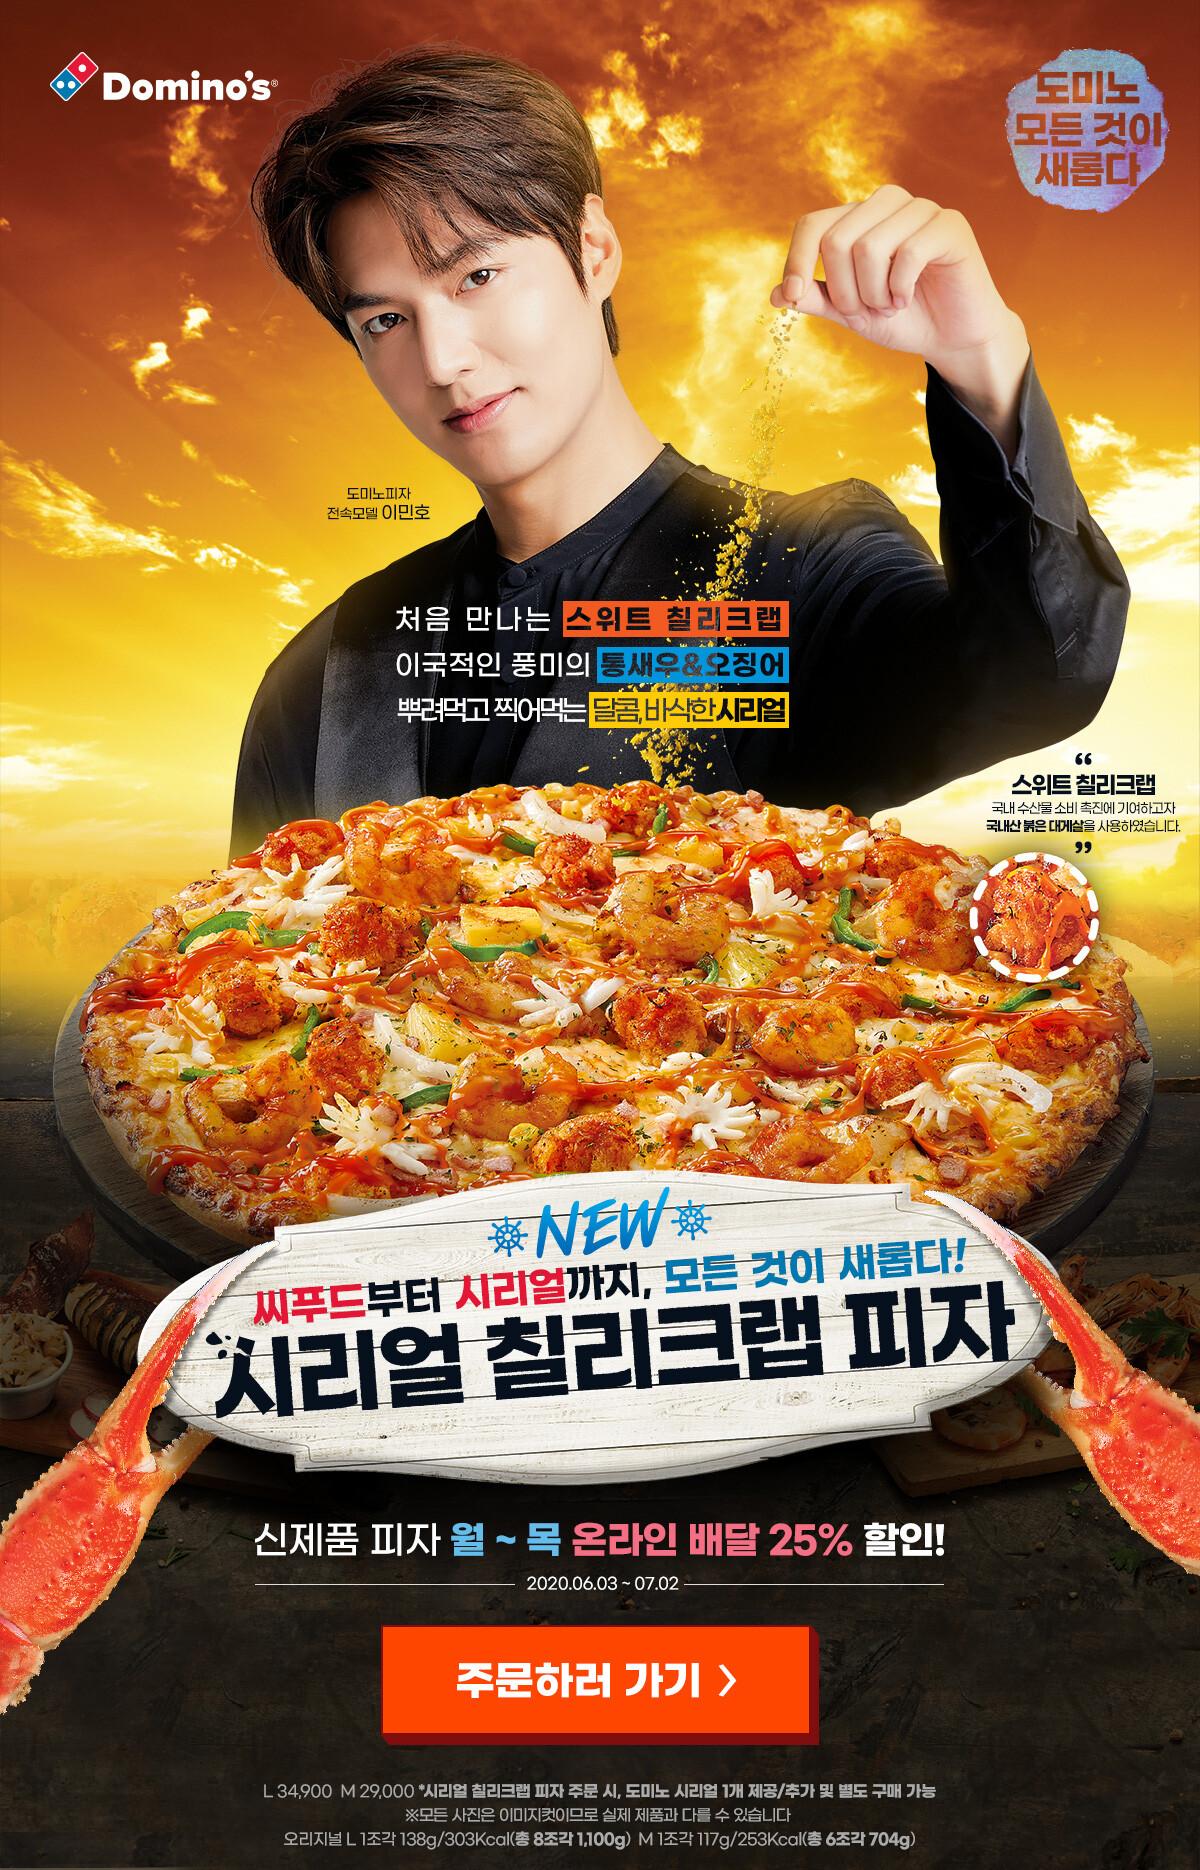 시리얼 칠리크랩 피자 출시